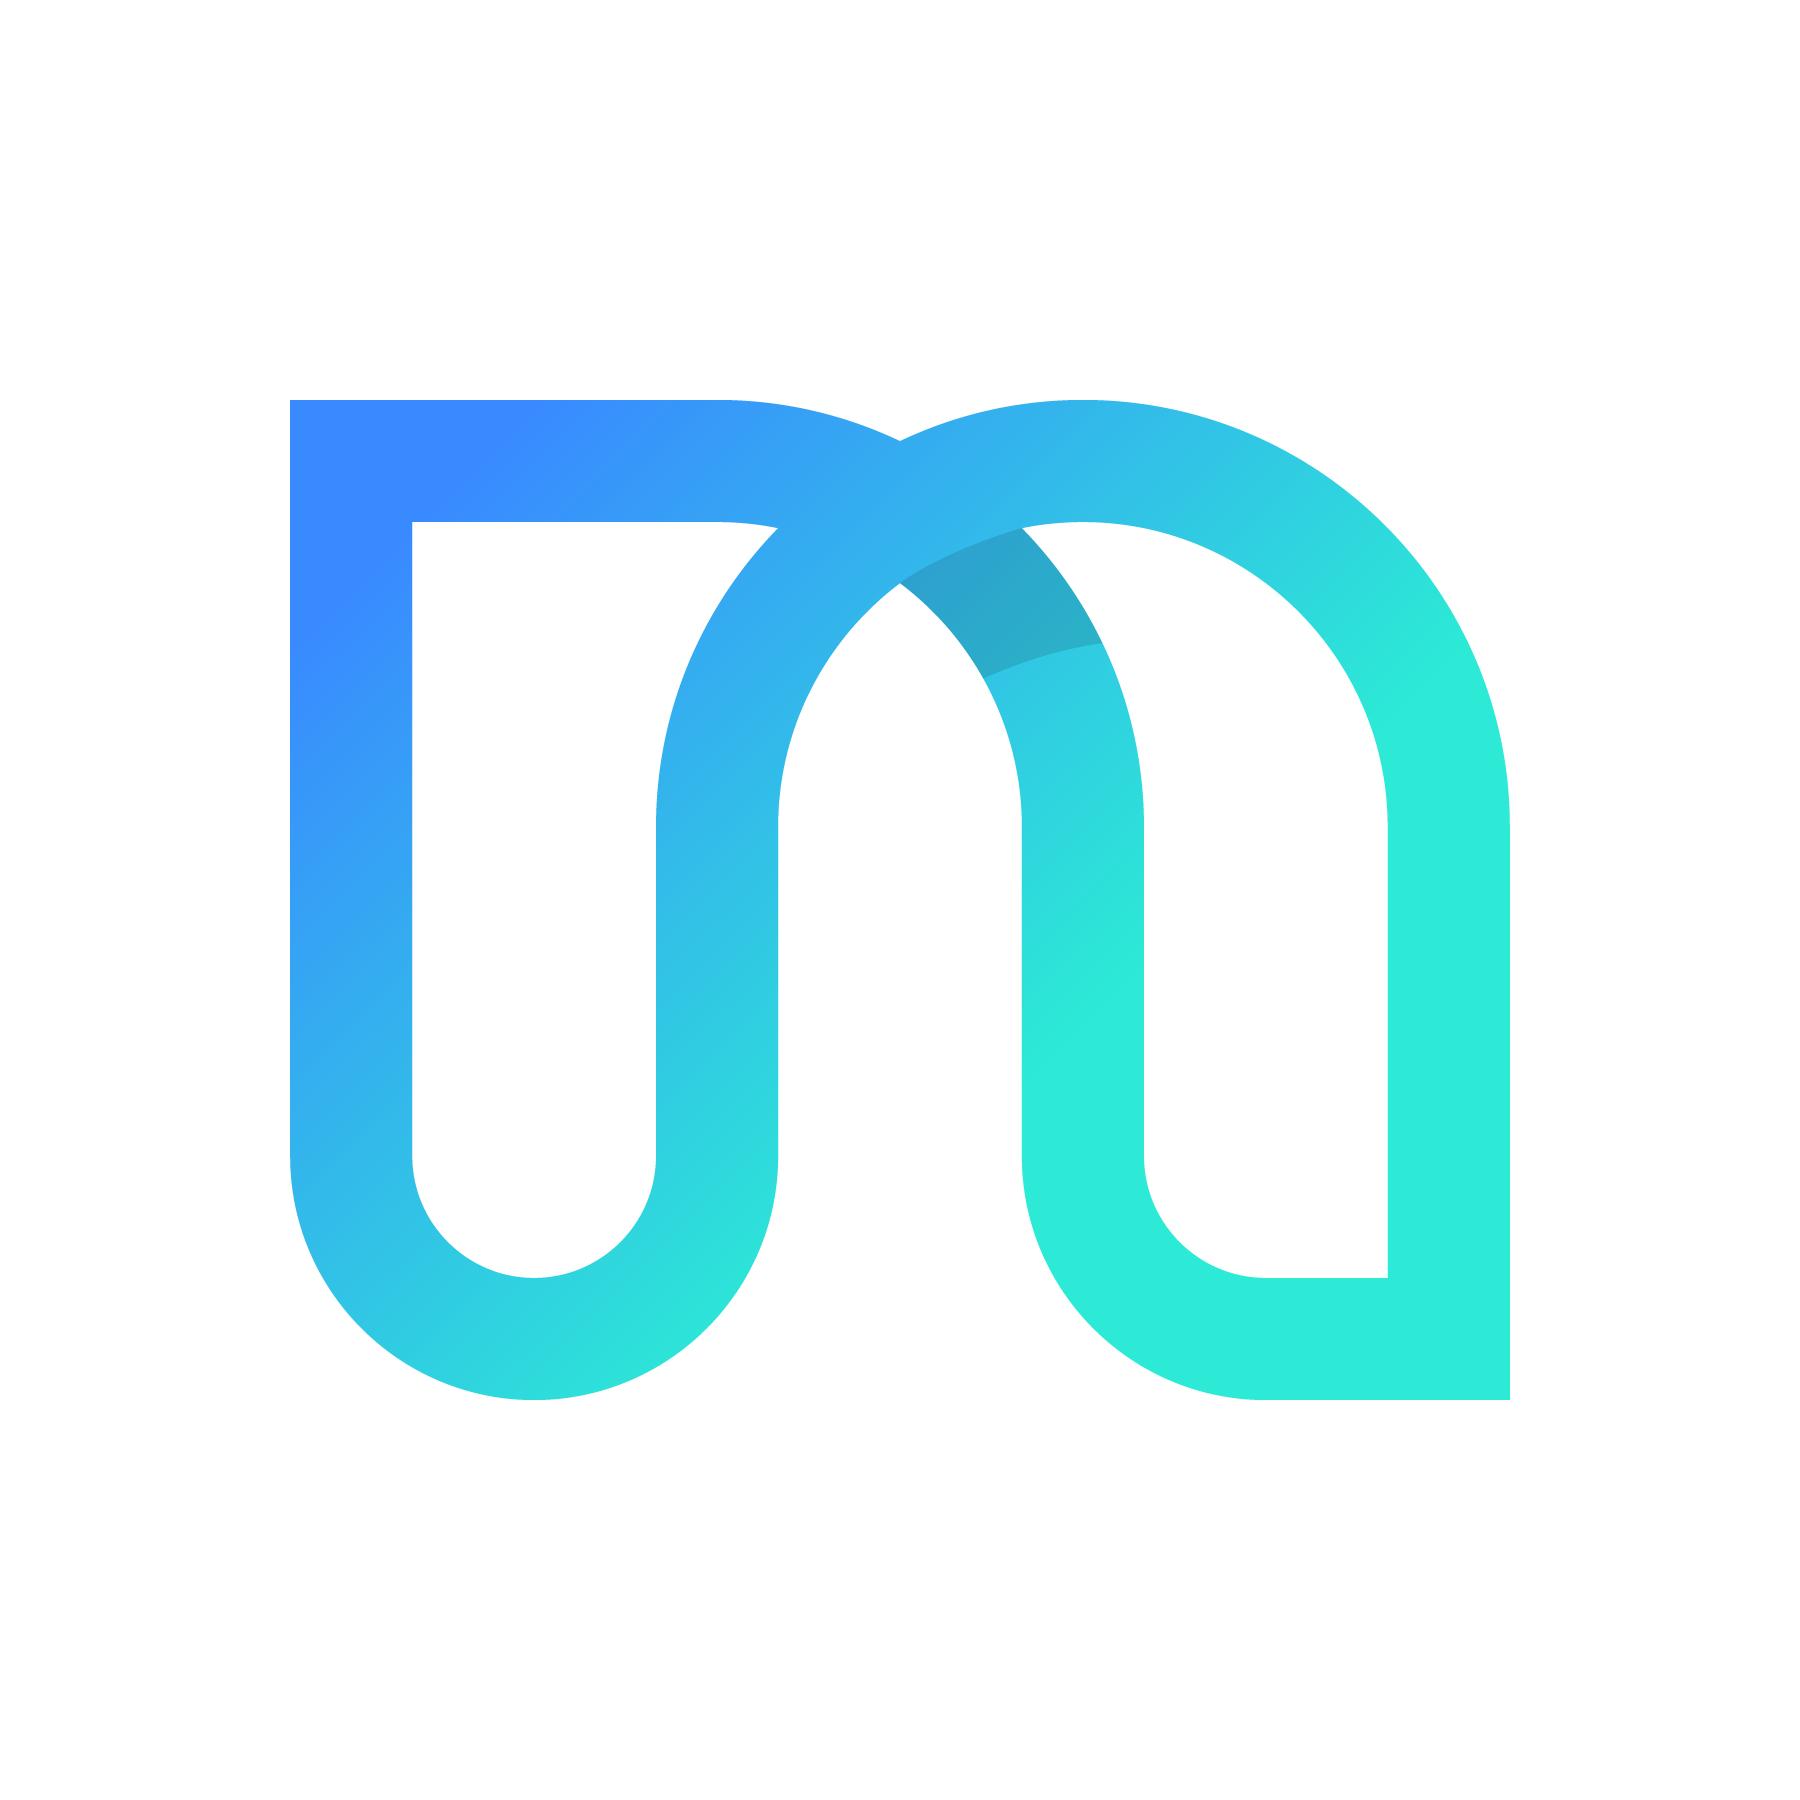 Nique Design Studio | Logo design